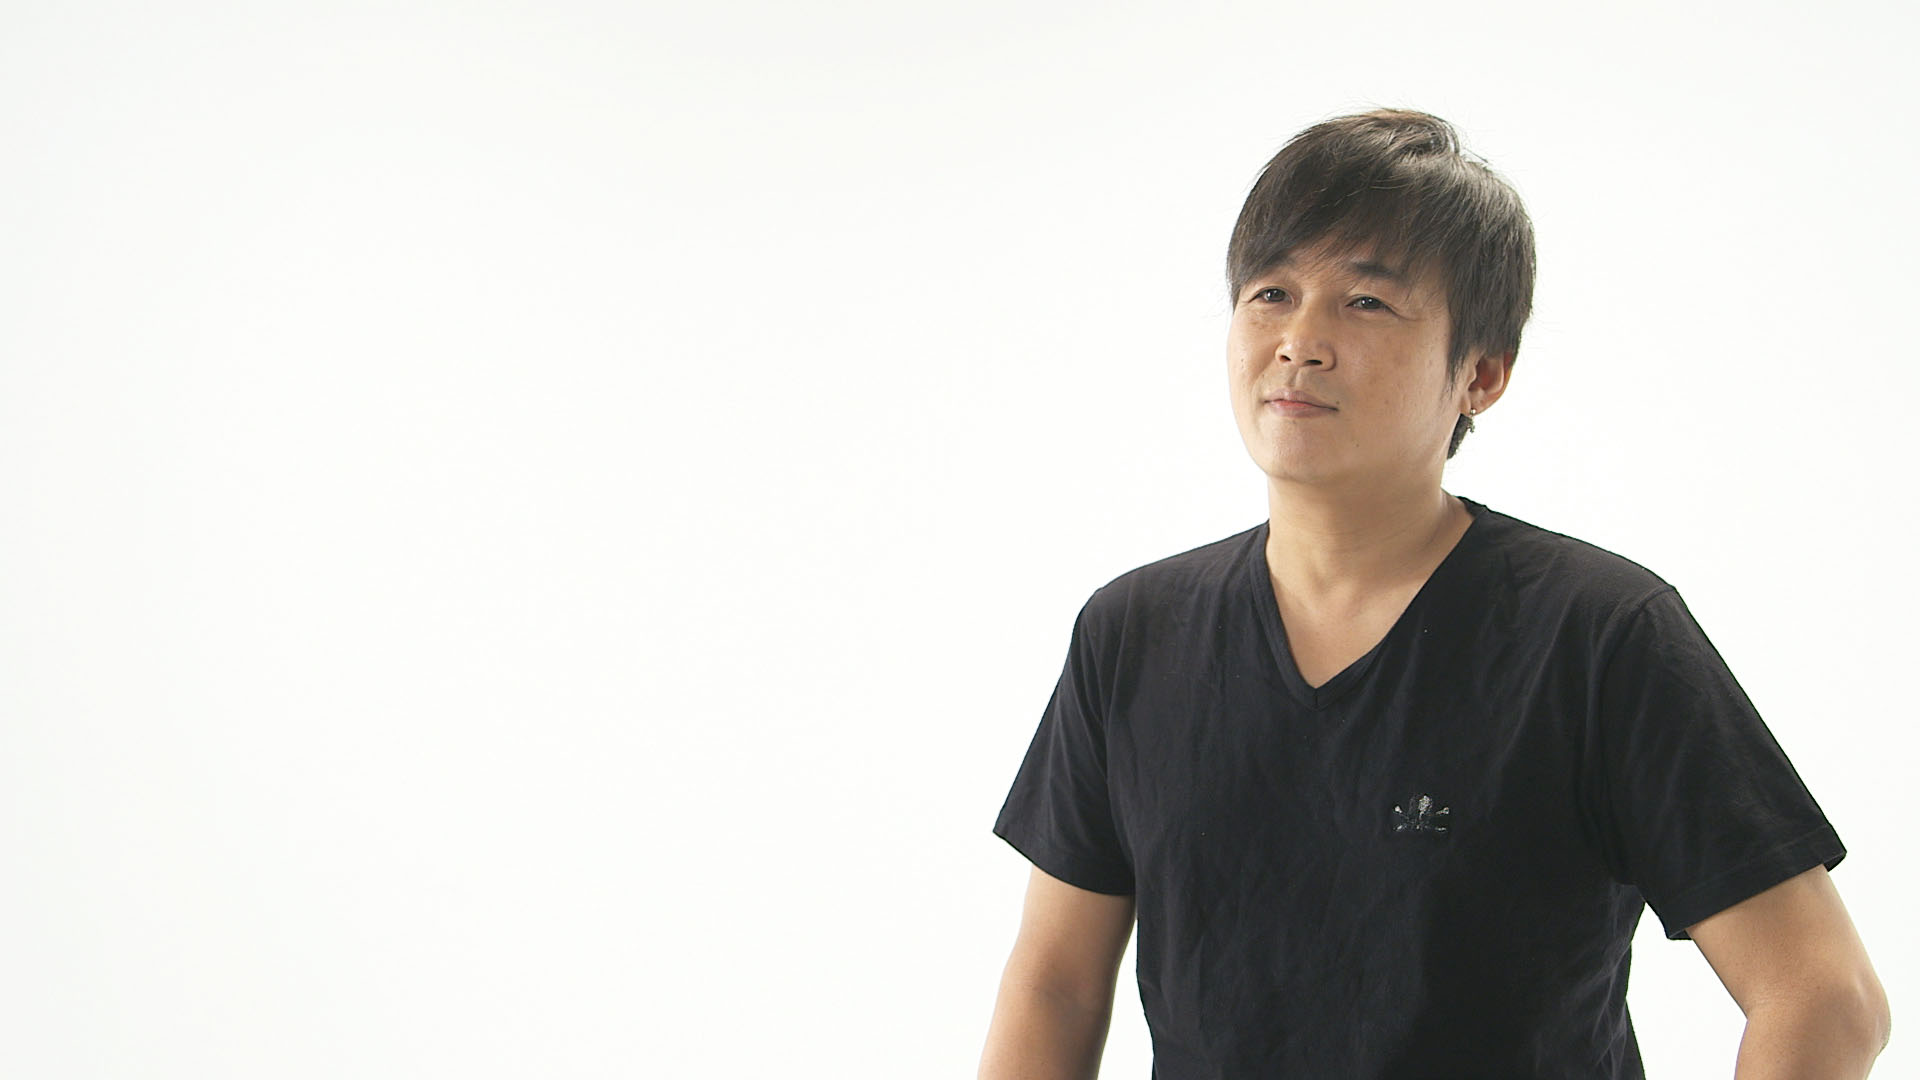 تتسویا نومورا از سختی کار همزمان برروی دو عنوان Final Fantasy VII Remake و Kingdom Heart III میگوید